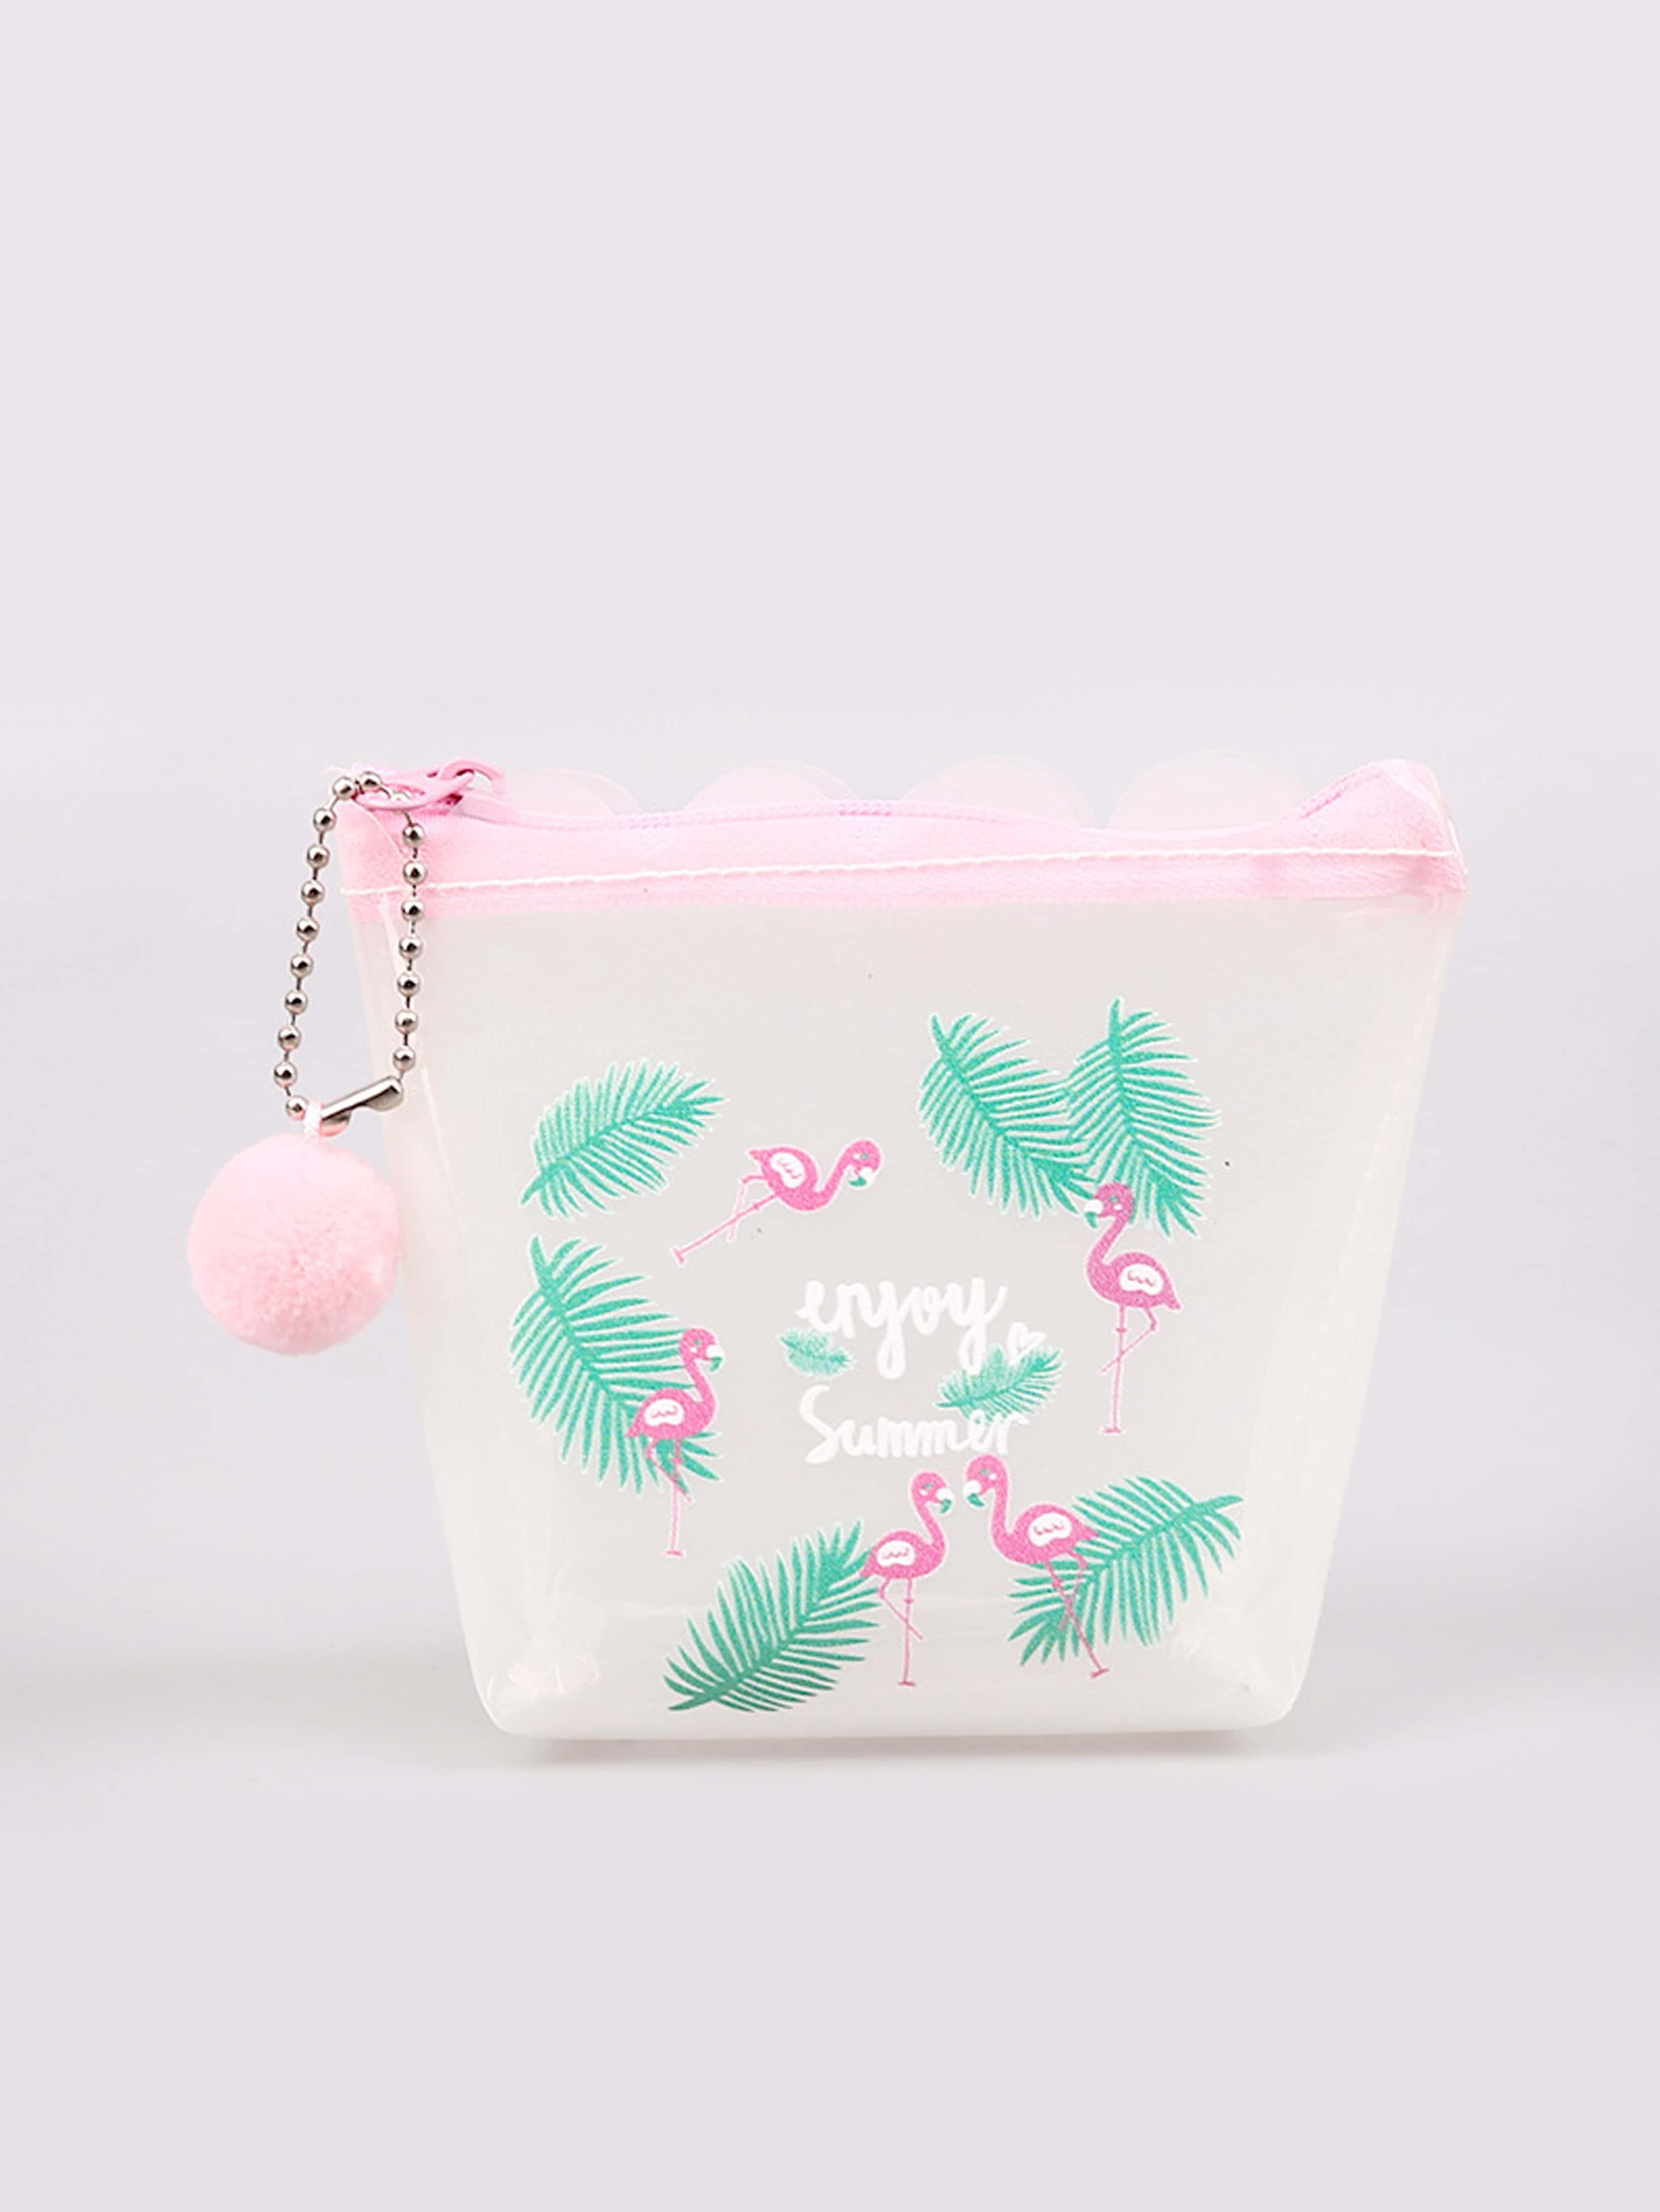 Flamingo Print Coin Purse 2017 cute girls coin purses small coin bag key ring kawaii bag kids mini wallet card holders leather cartoon coin purse1bw73